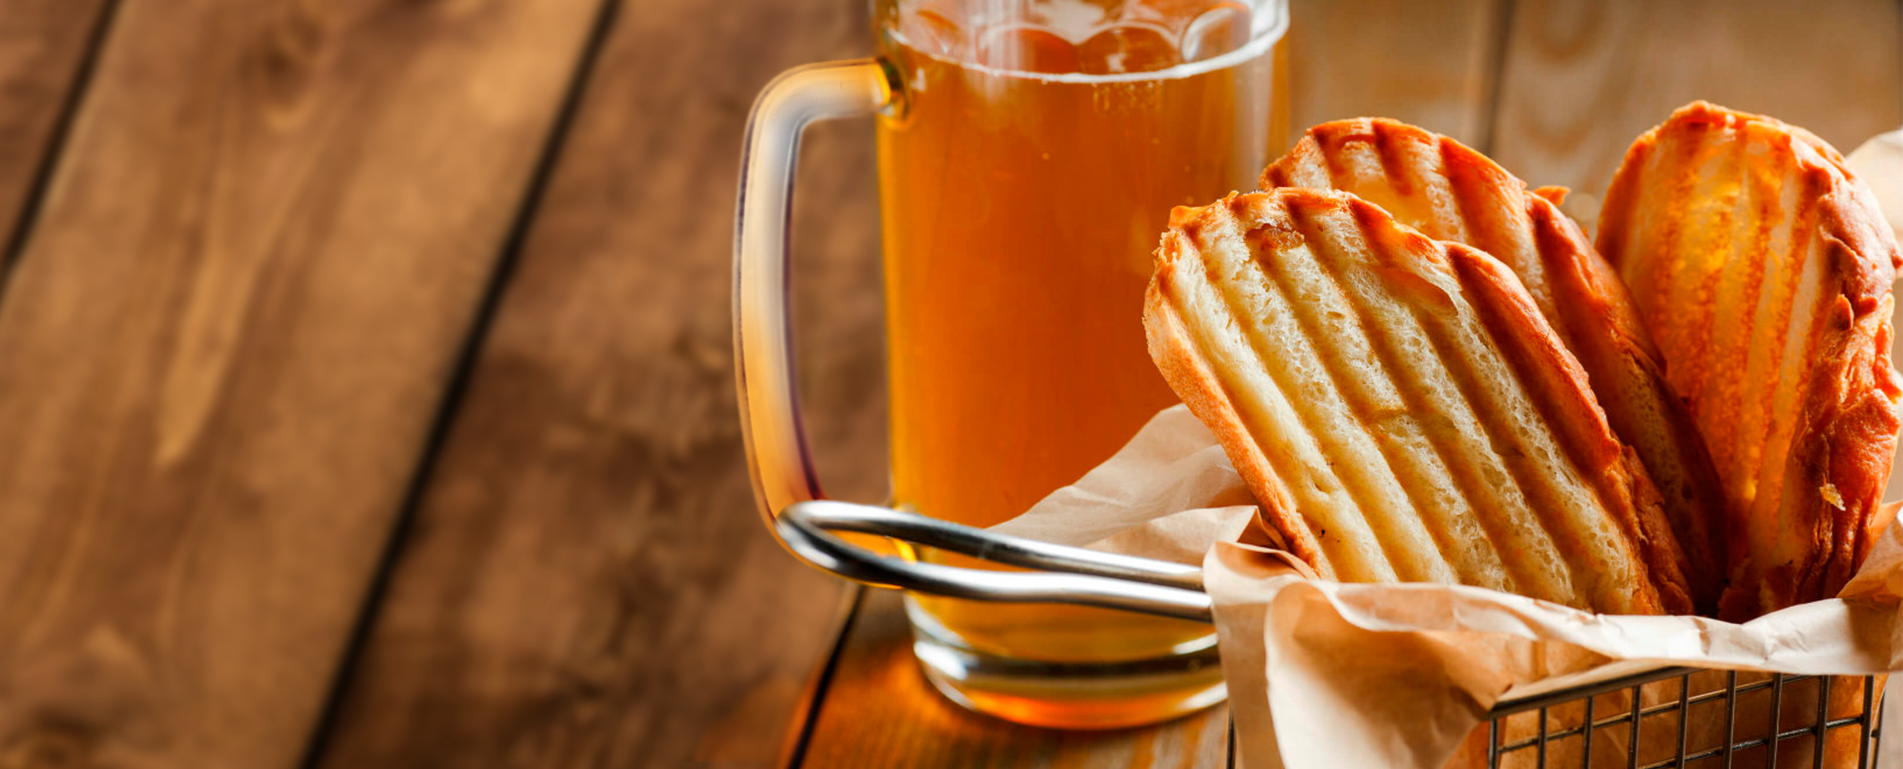 Cerveja e pão: 5 dicas para uma harmonização infalível